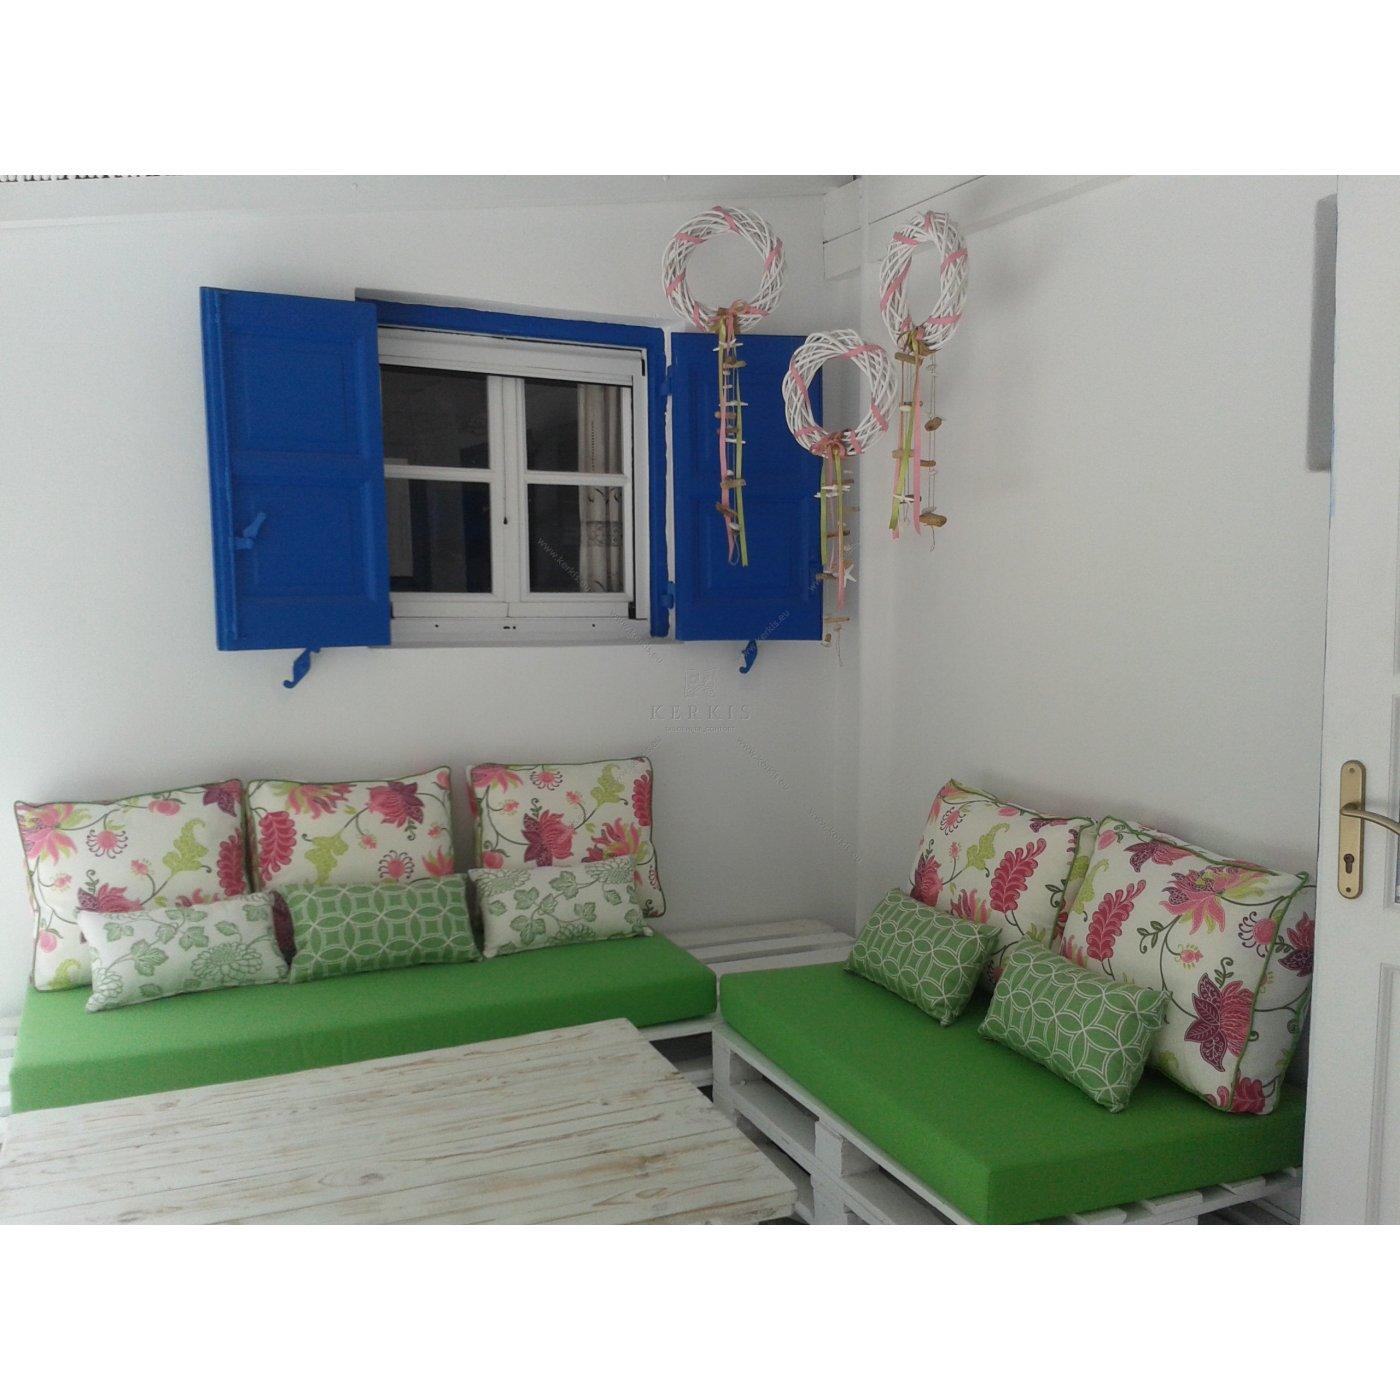 Μαξιλάρια για παλέτες εξωτερικών χώρων